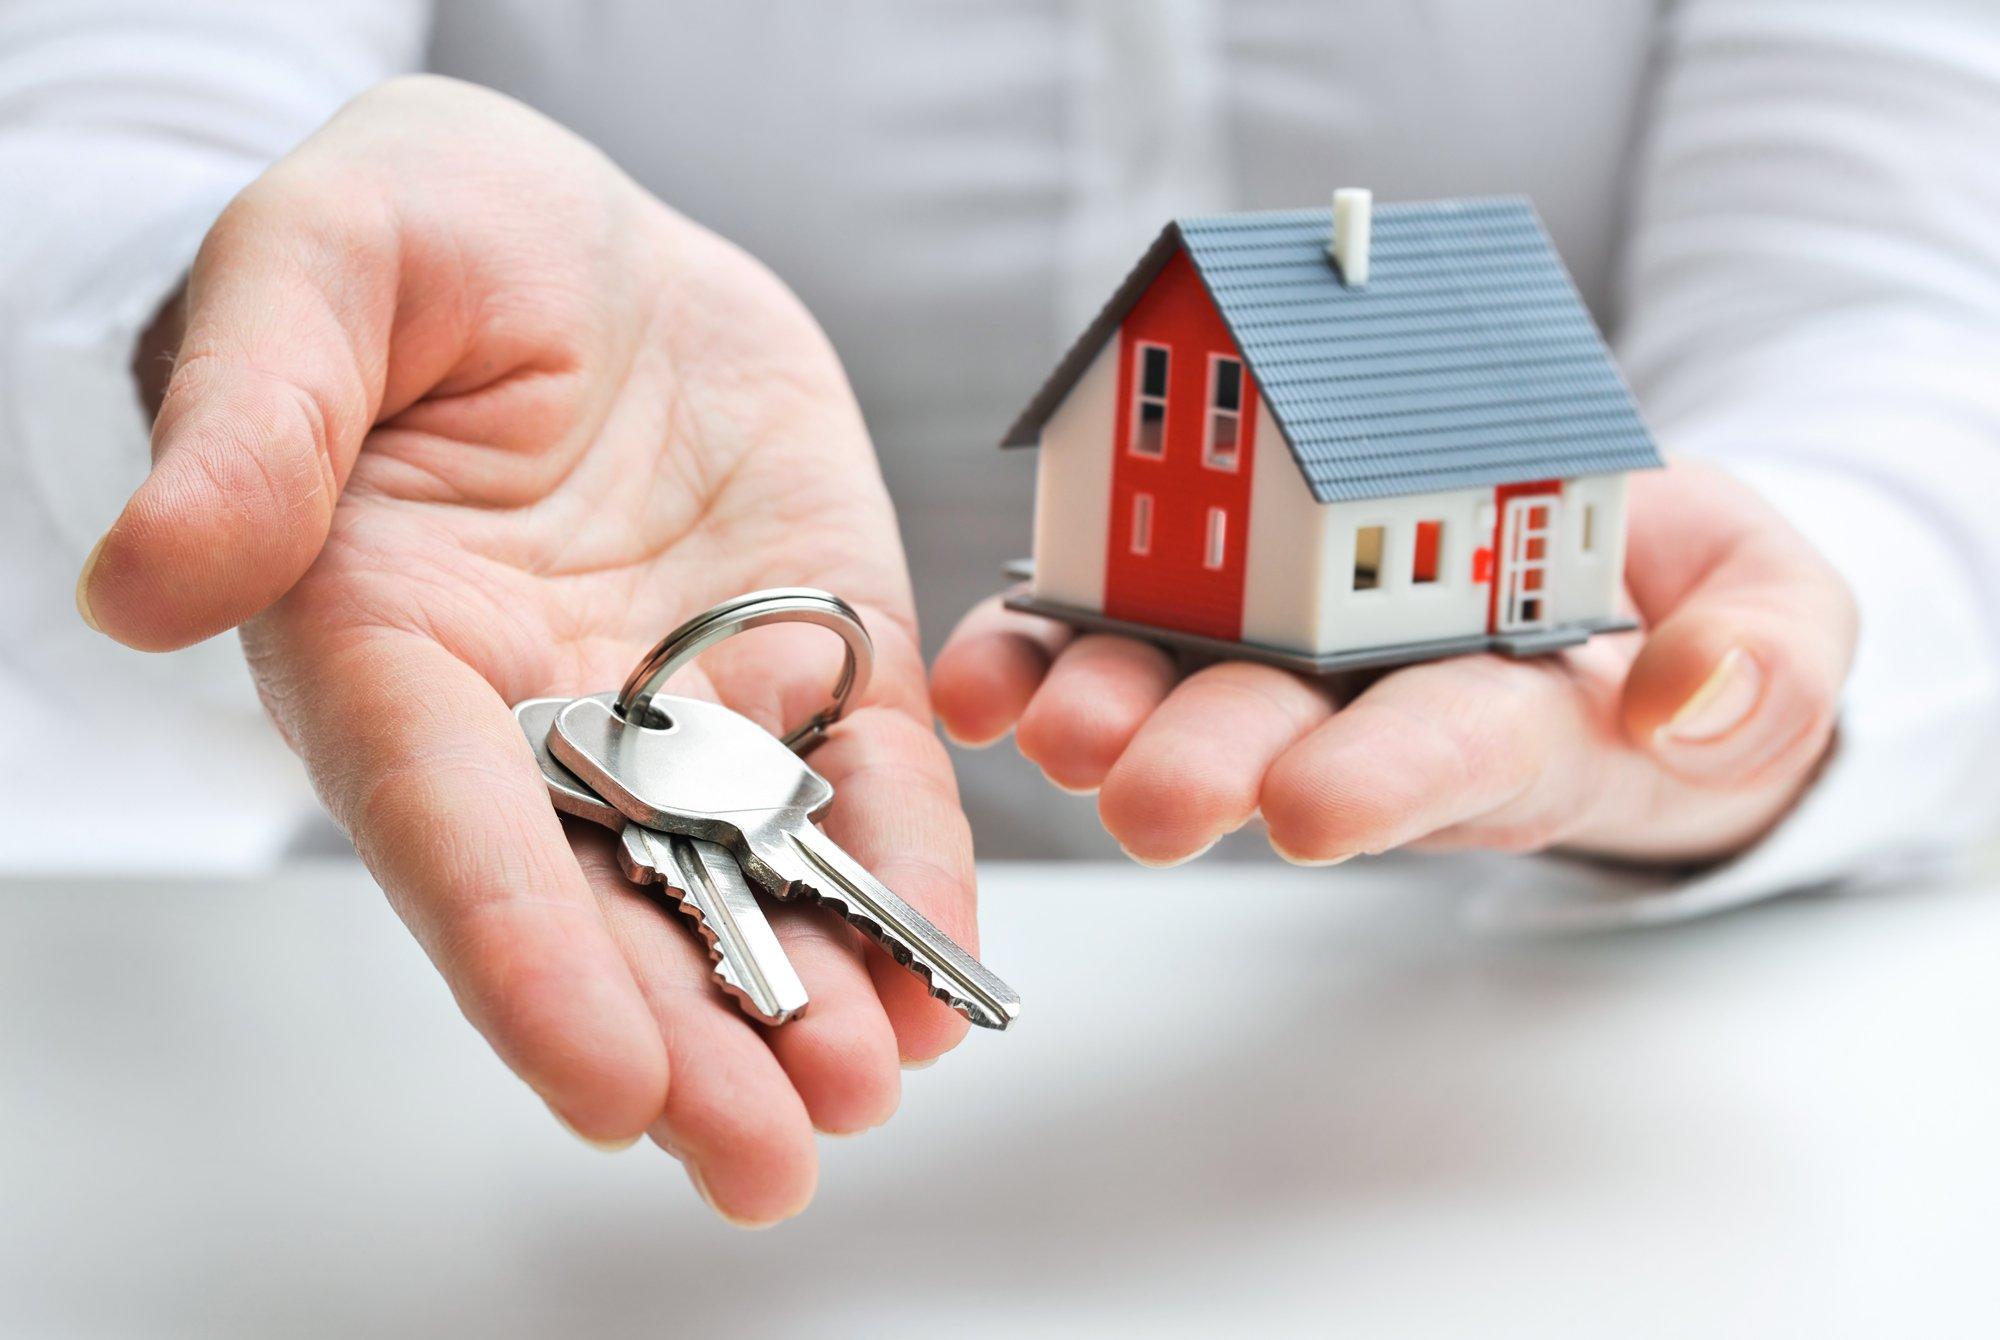 Что значит квартира с обременением прав: виды, можно ли покупать